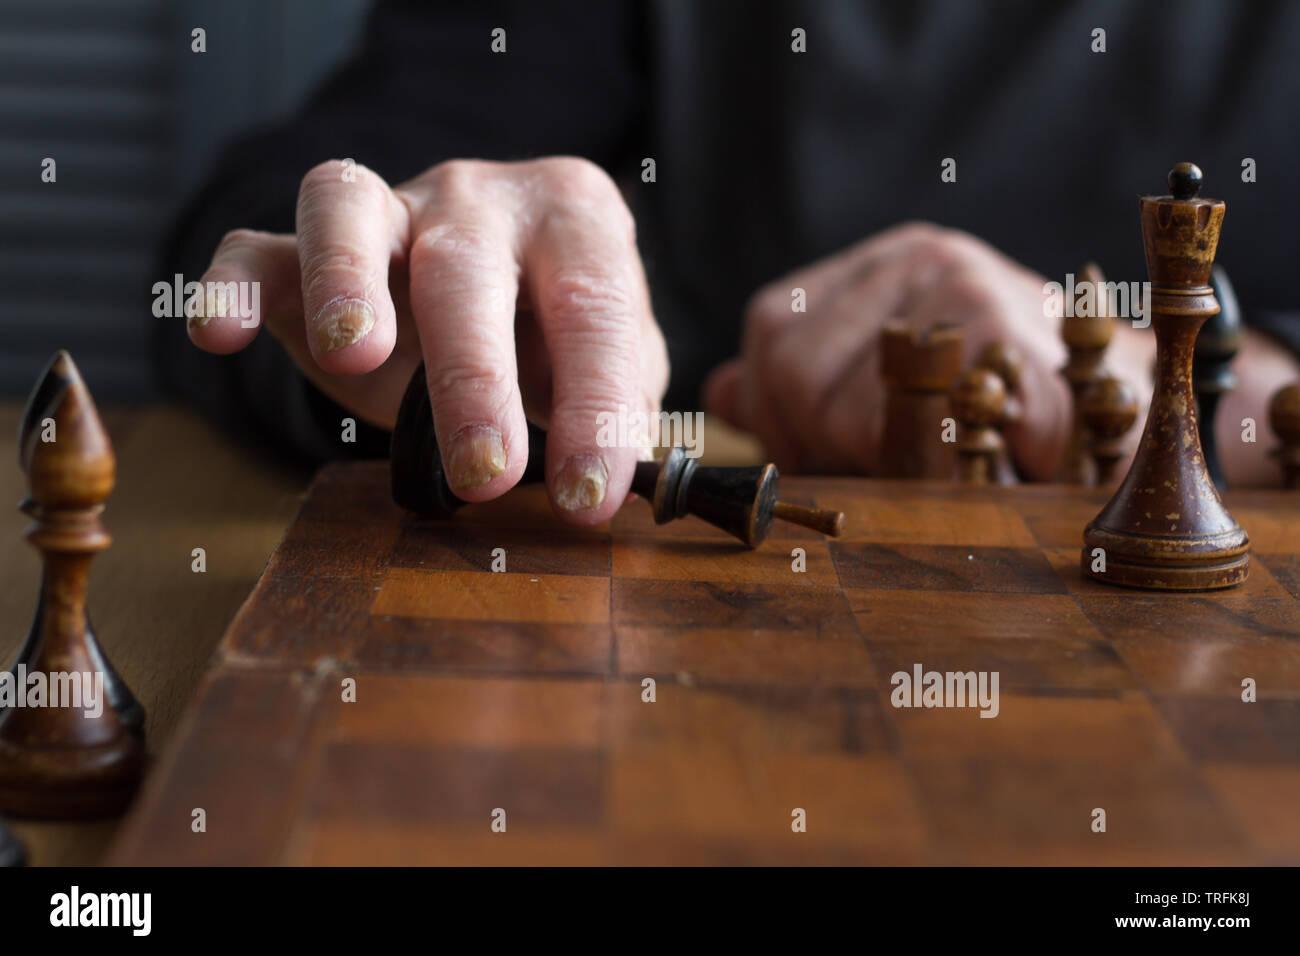 La main d'un vieil homme met une figure du roi noir sur le conseil reconnaissant la perte, jeux d'entreprise concept, selective focus, copyspace Banque D'Images